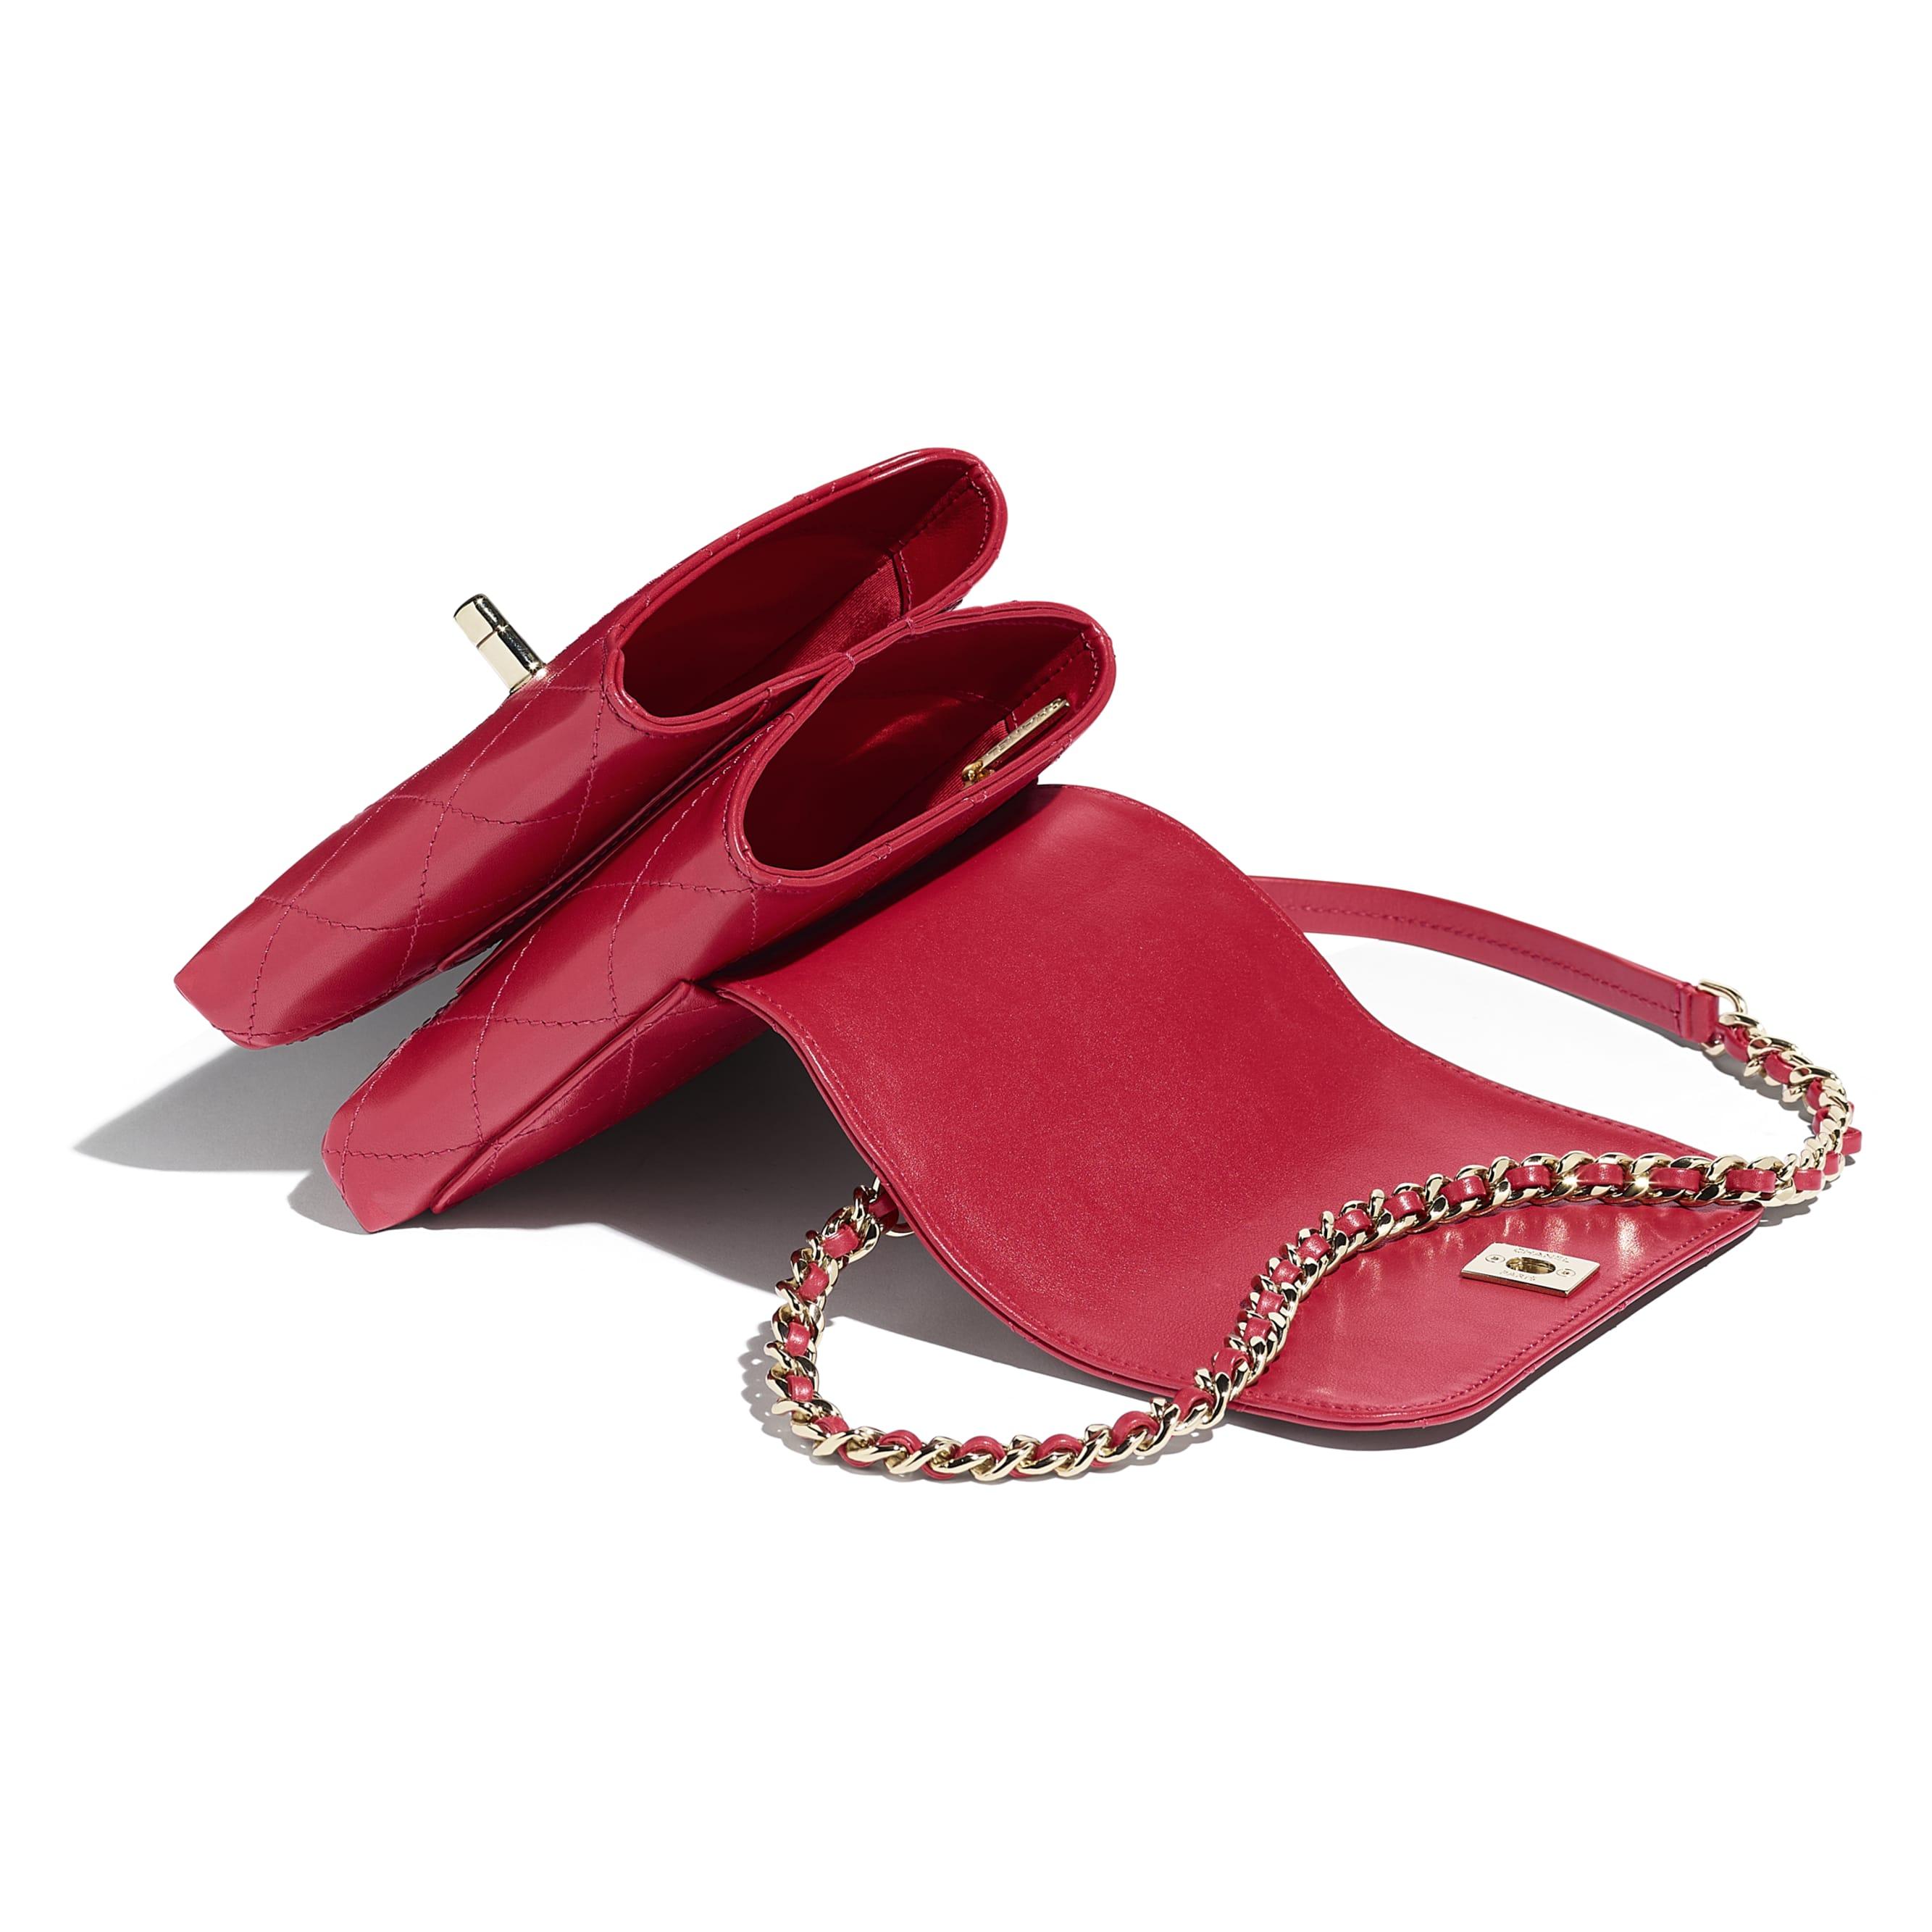 Сумка-конверт - Красный - Кожа теленка и золотистый металл - Другое изображение - посмотреть изображение стандартного размера